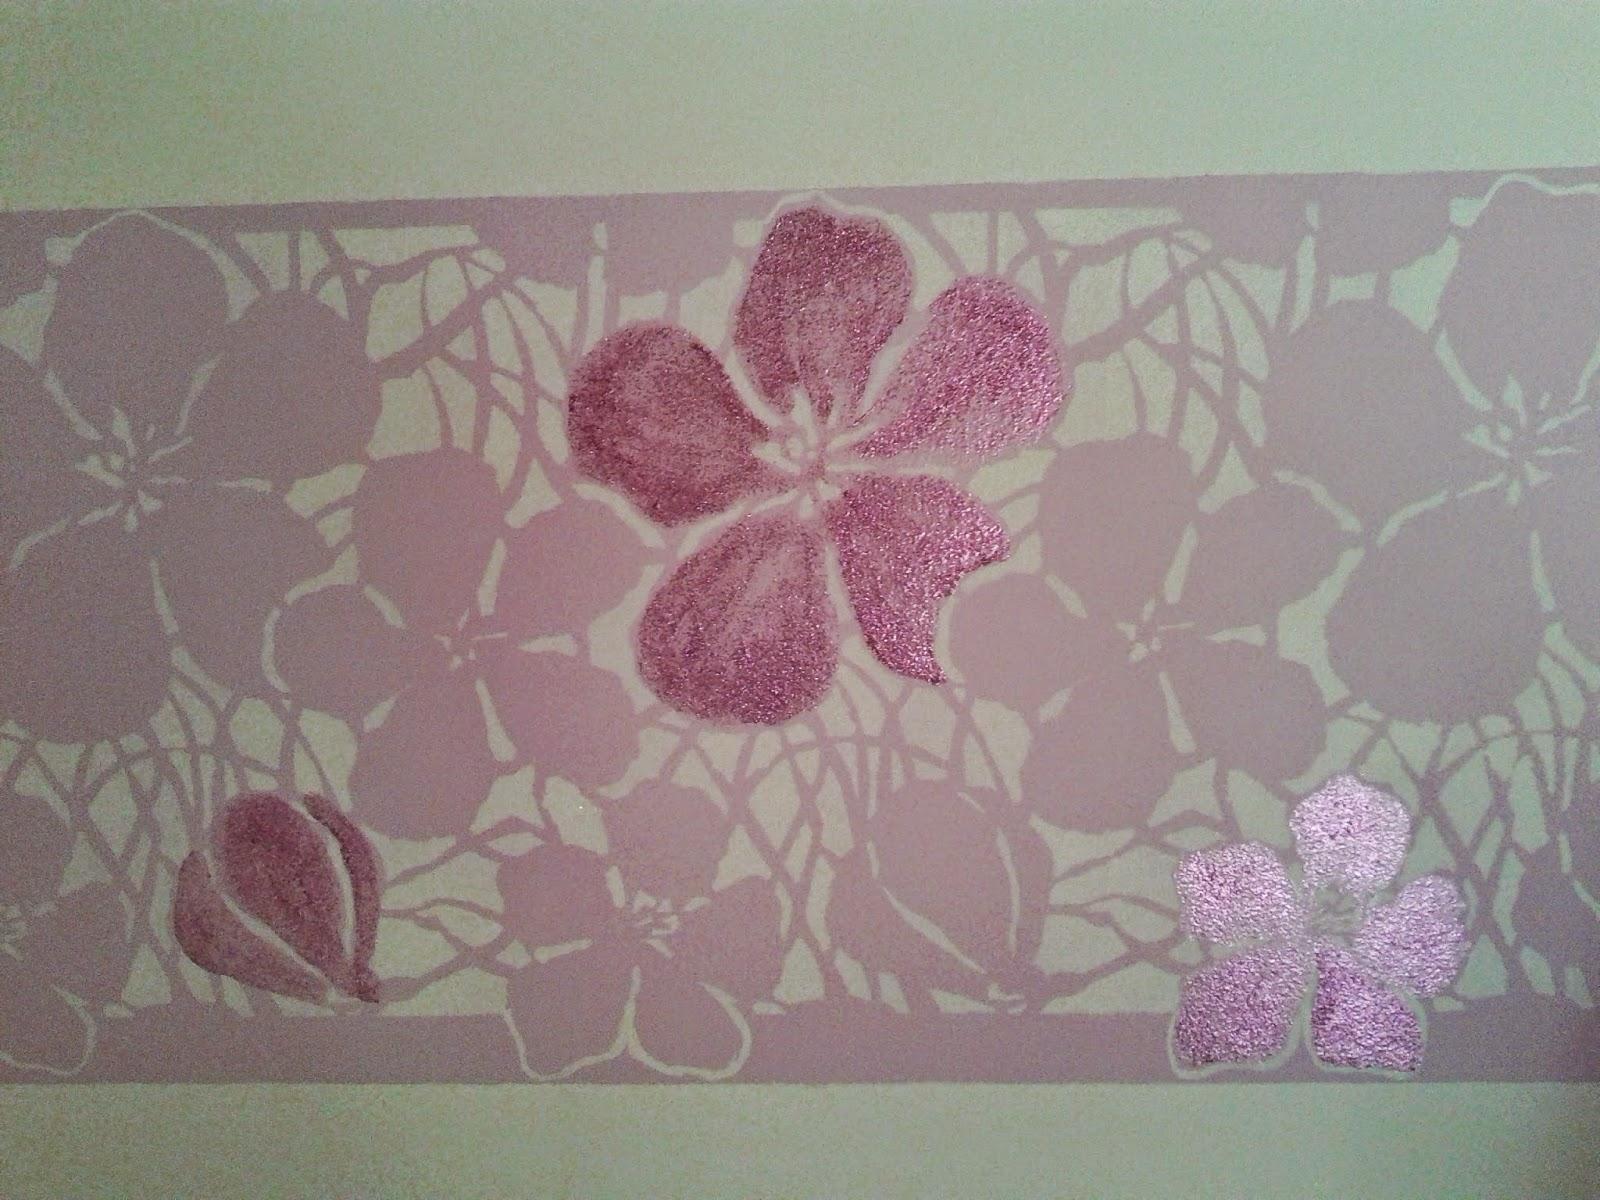 Creazioni e decorazioni handmadeLa Fata Cristallina